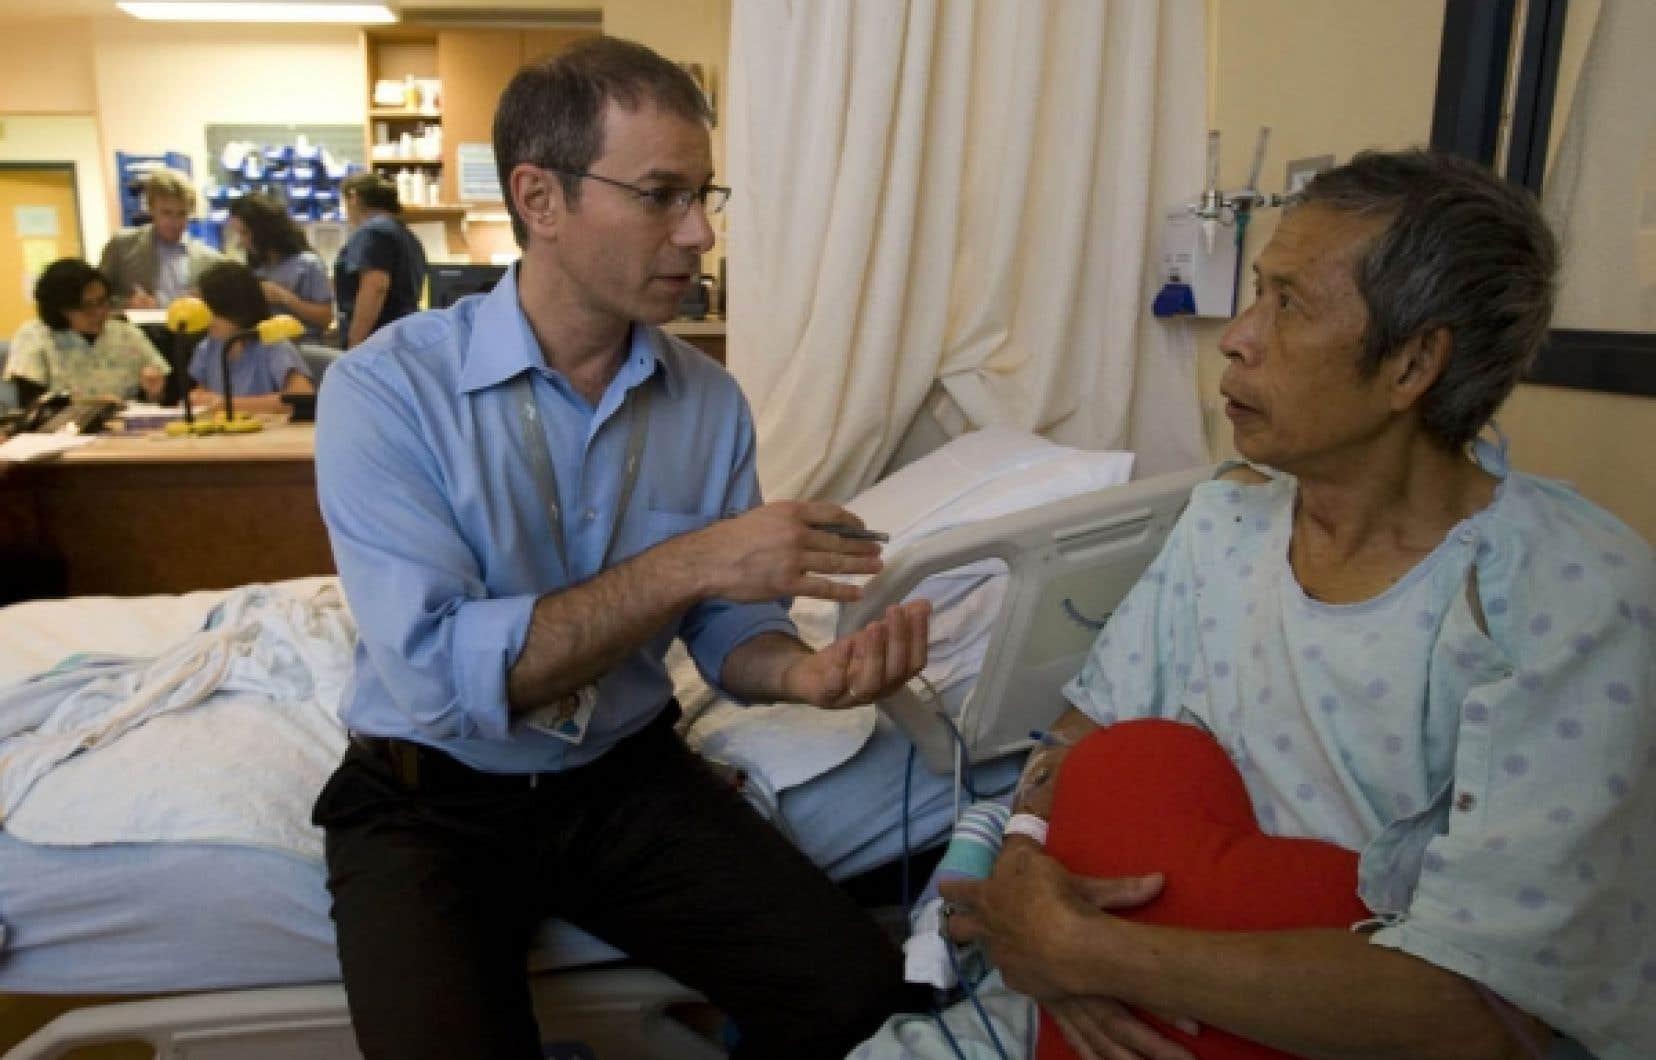 John Marsala, infirmier clinicien spécialisé en cardiologie à l'Hôpital général juif de Montréal, avec un patient qui relève d'une opération.